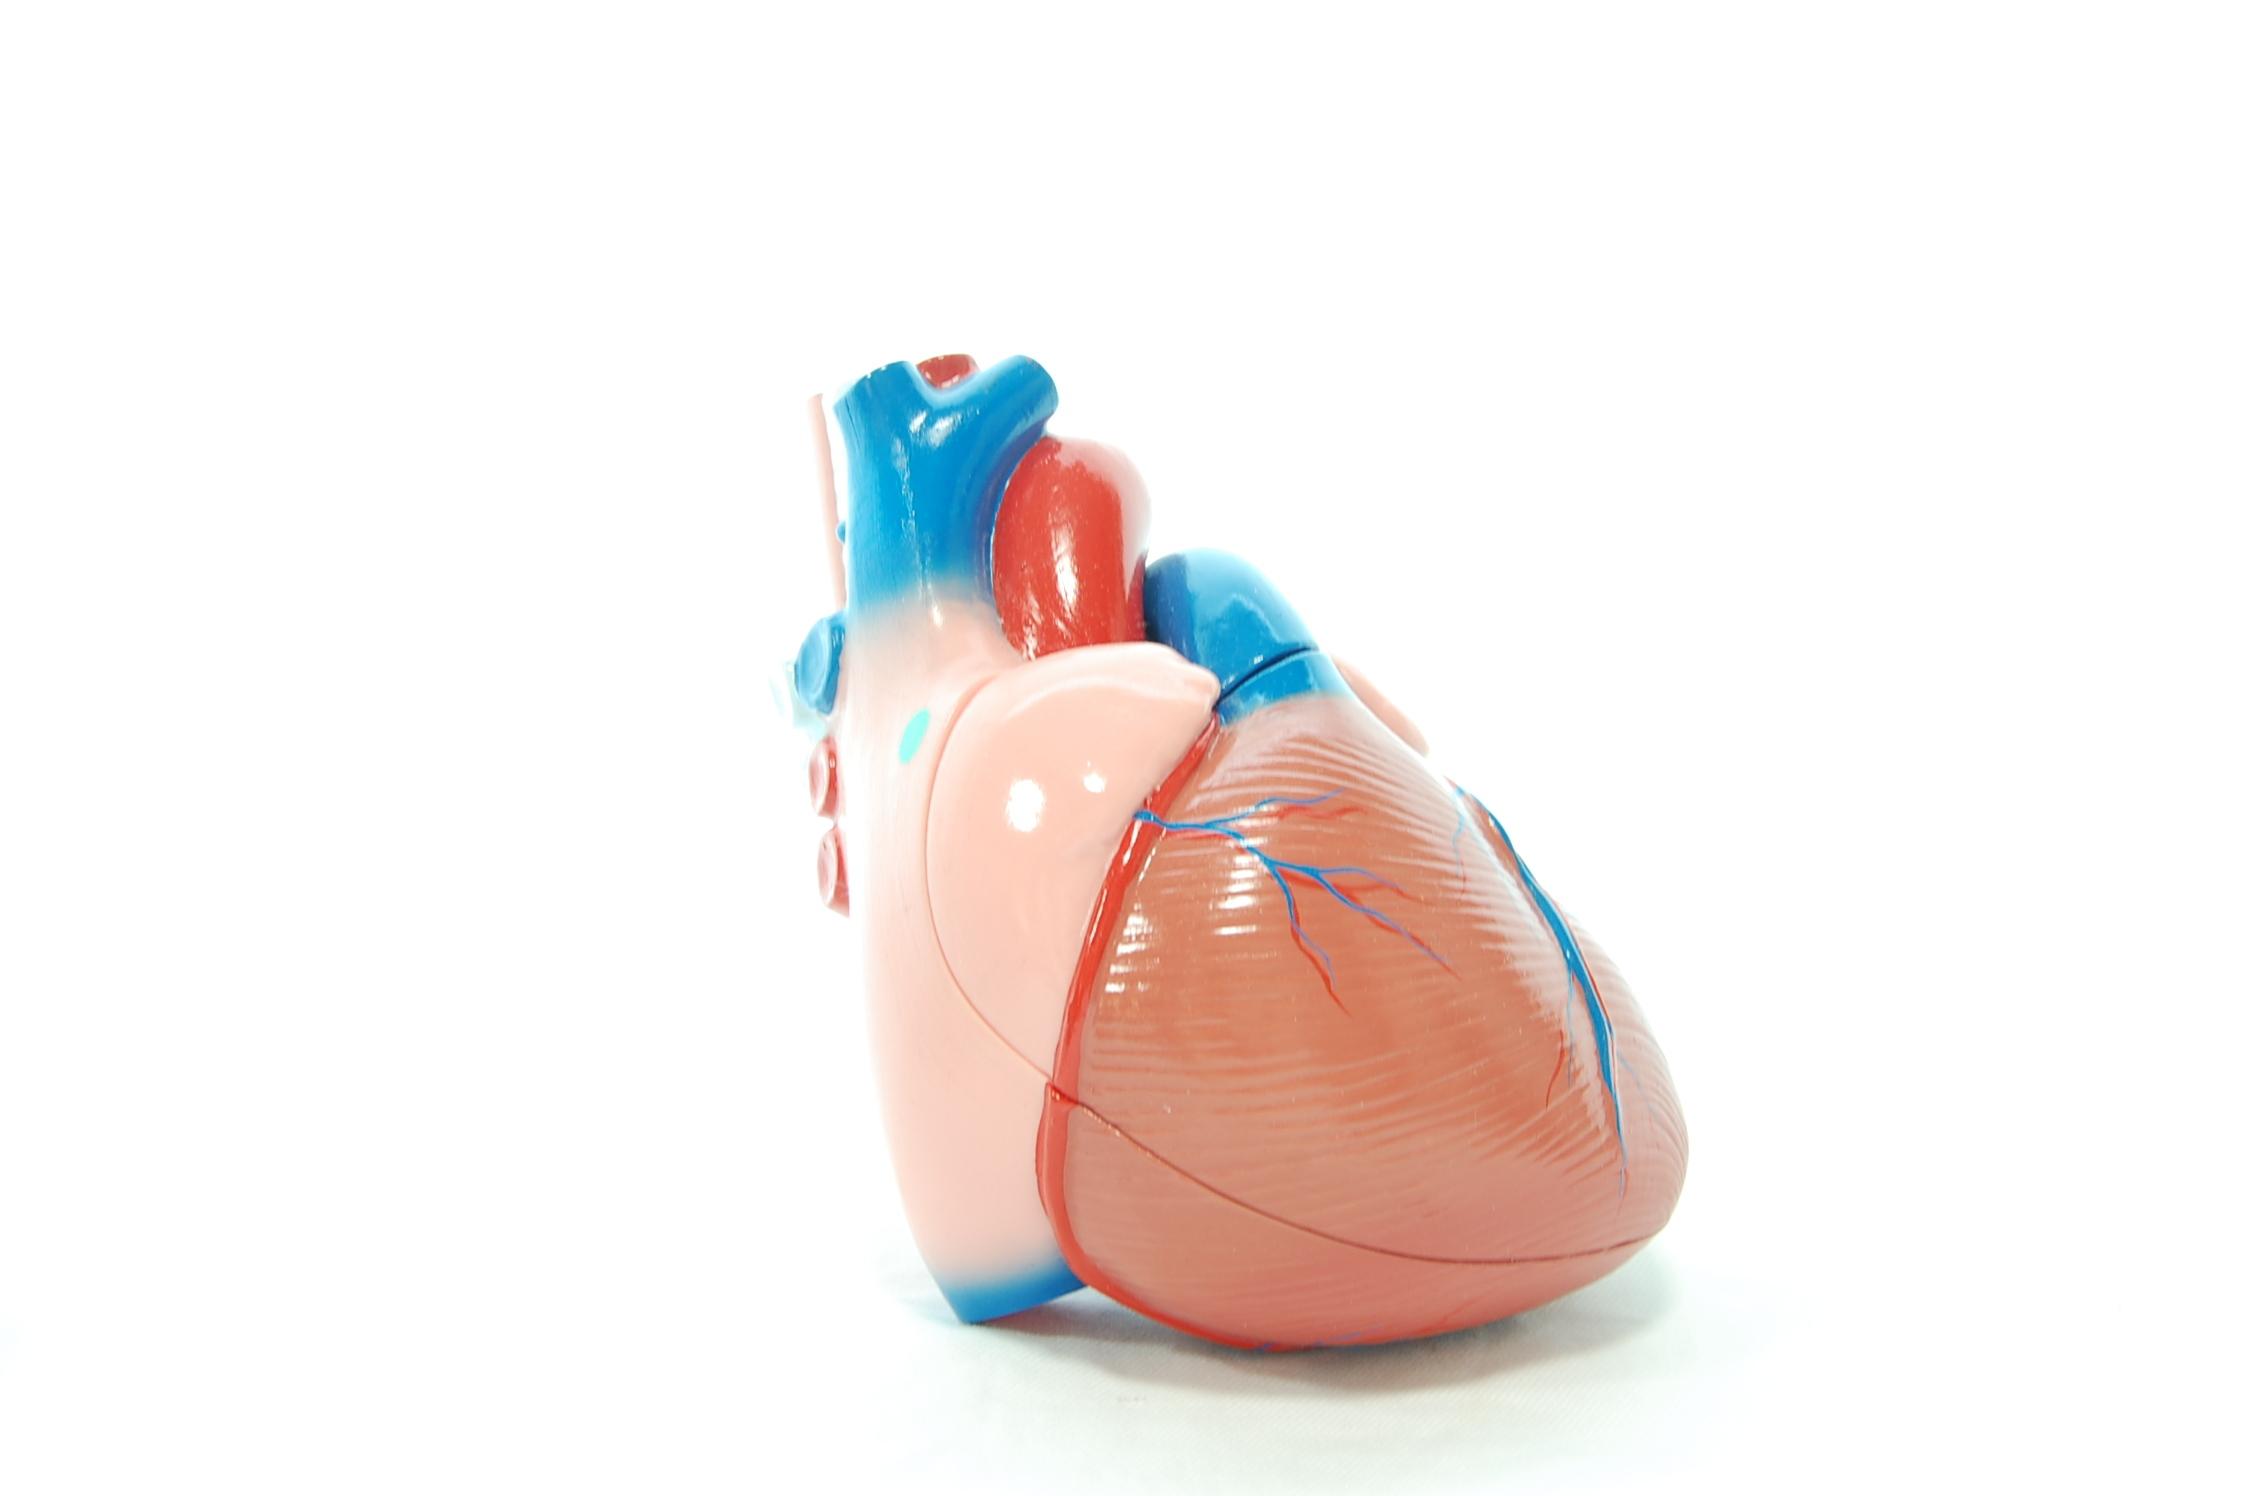 心臓の冠動脈が機能低下して起きる狭心症